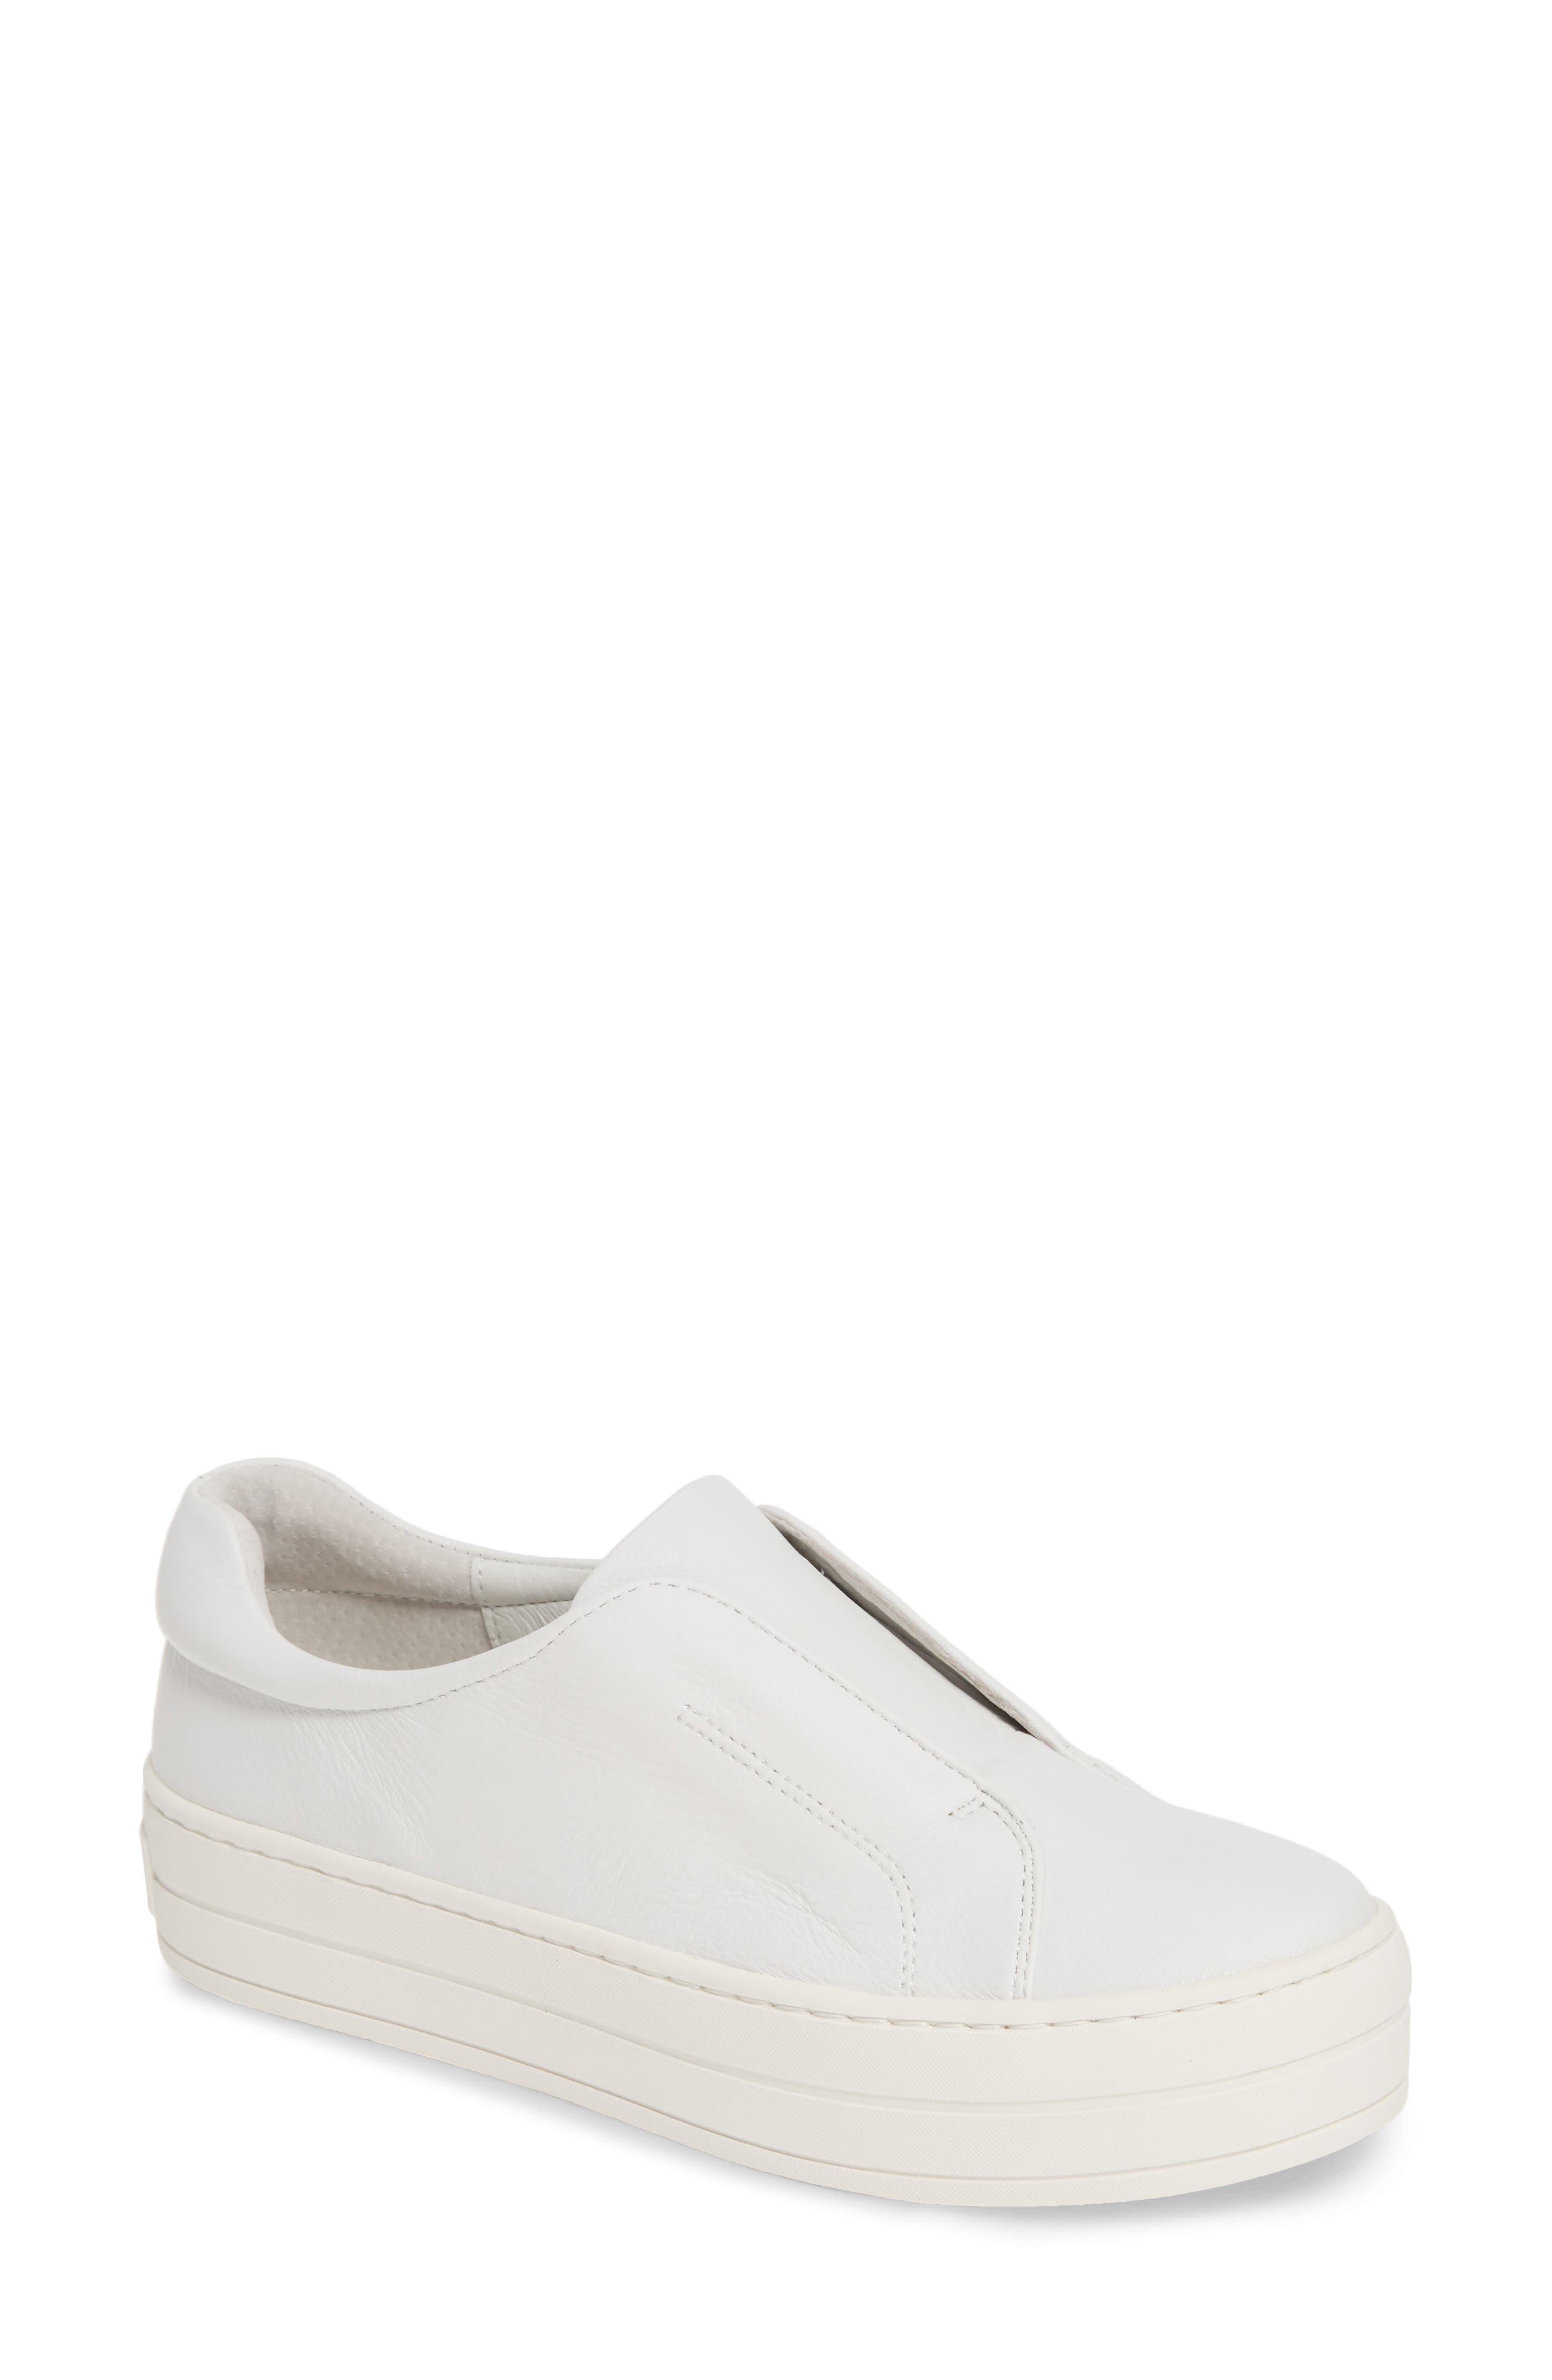 Jslides Heidi Platform Slip-On Sneaker- White